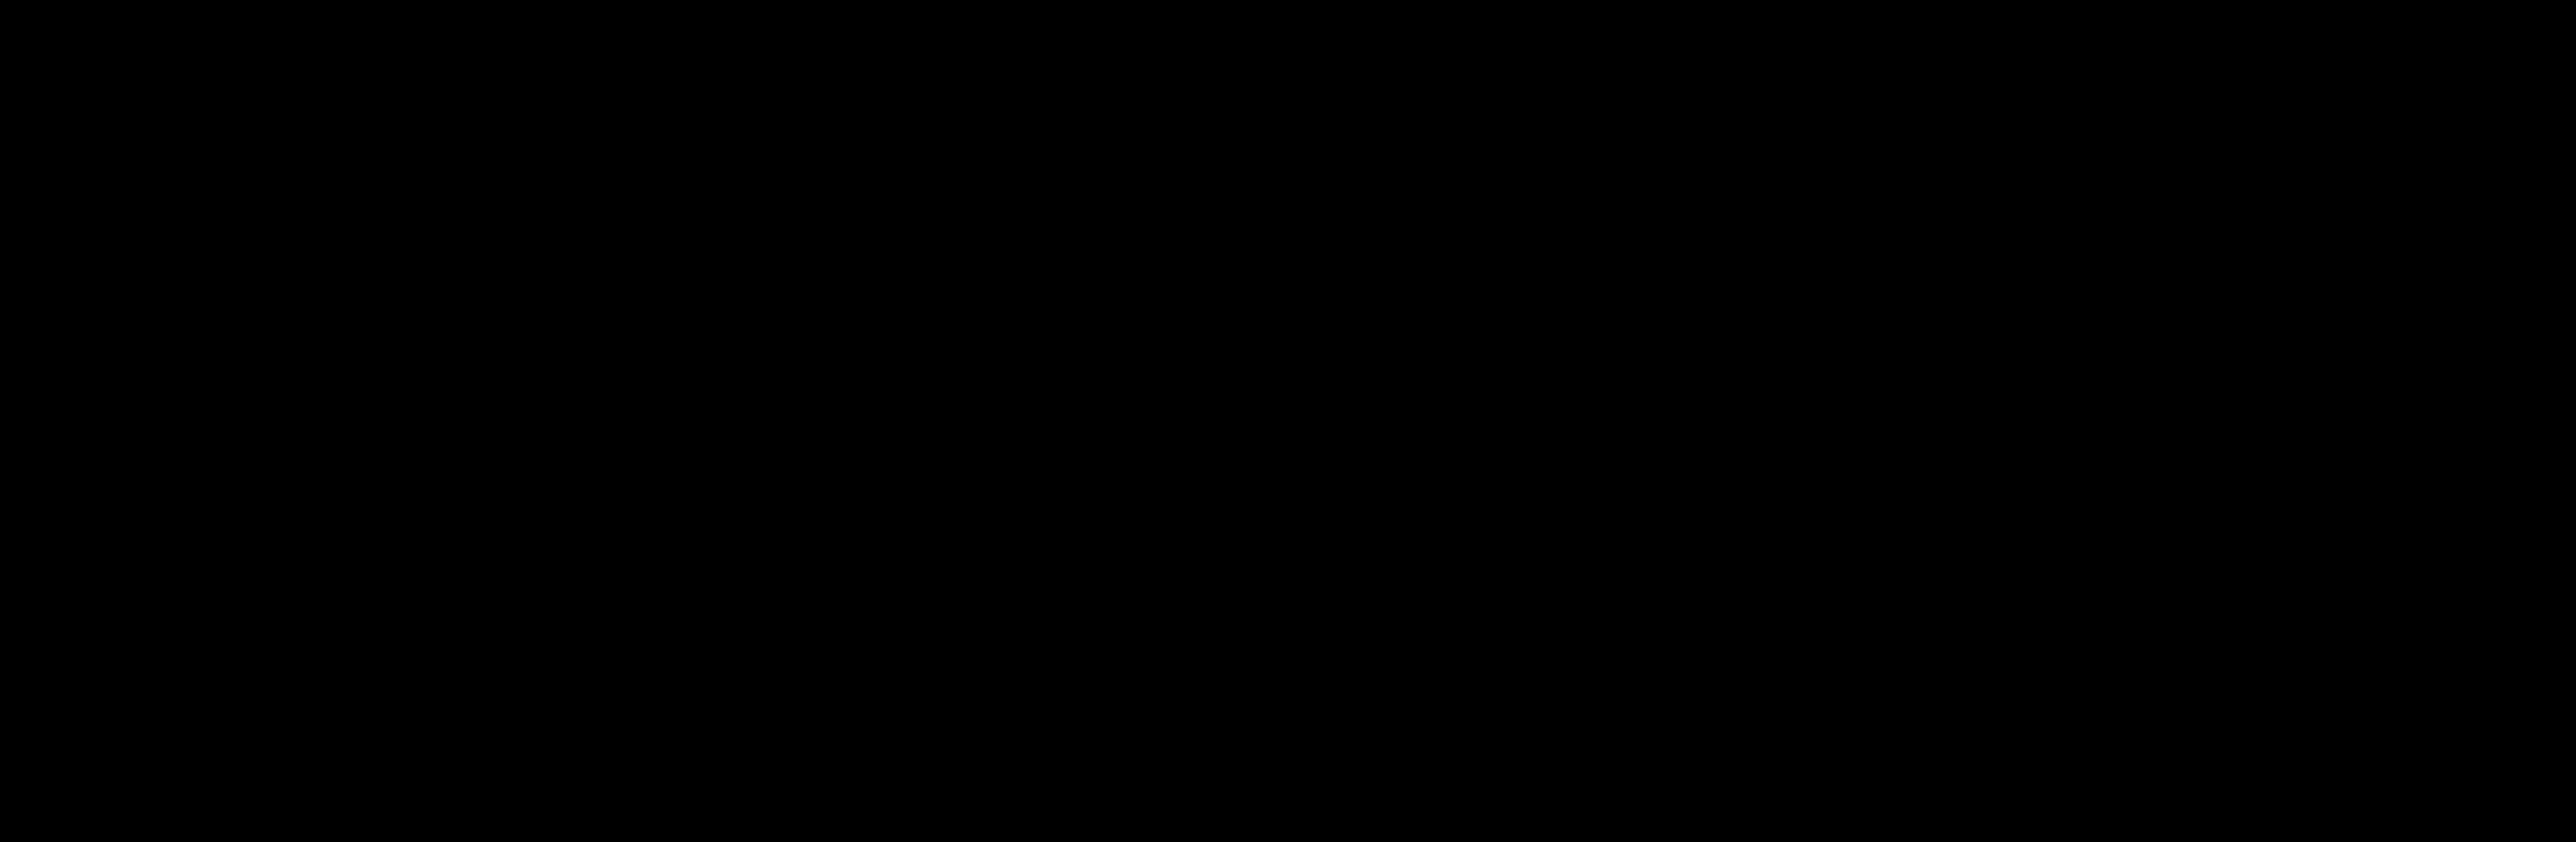 Nasty_Gal_logo